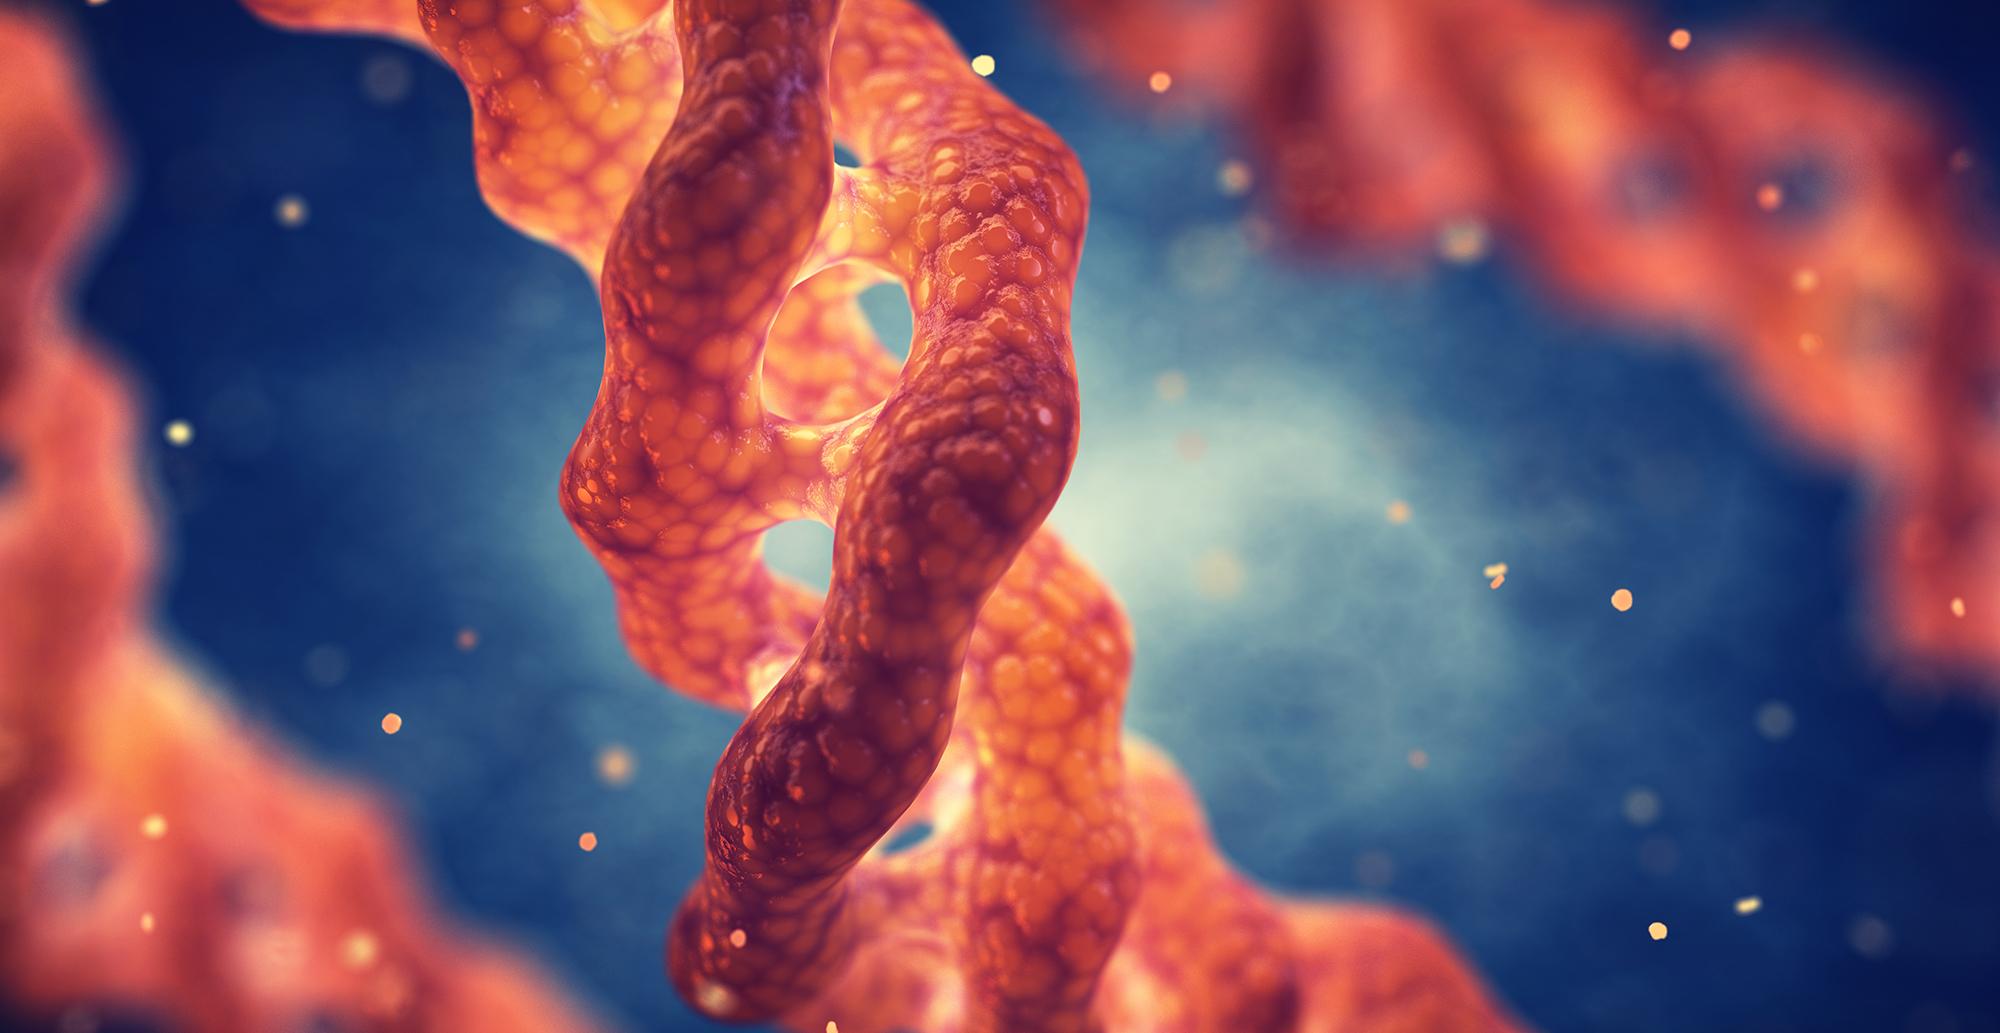 Proteínas de choque térmico y factores crecientes HSP70 + 1